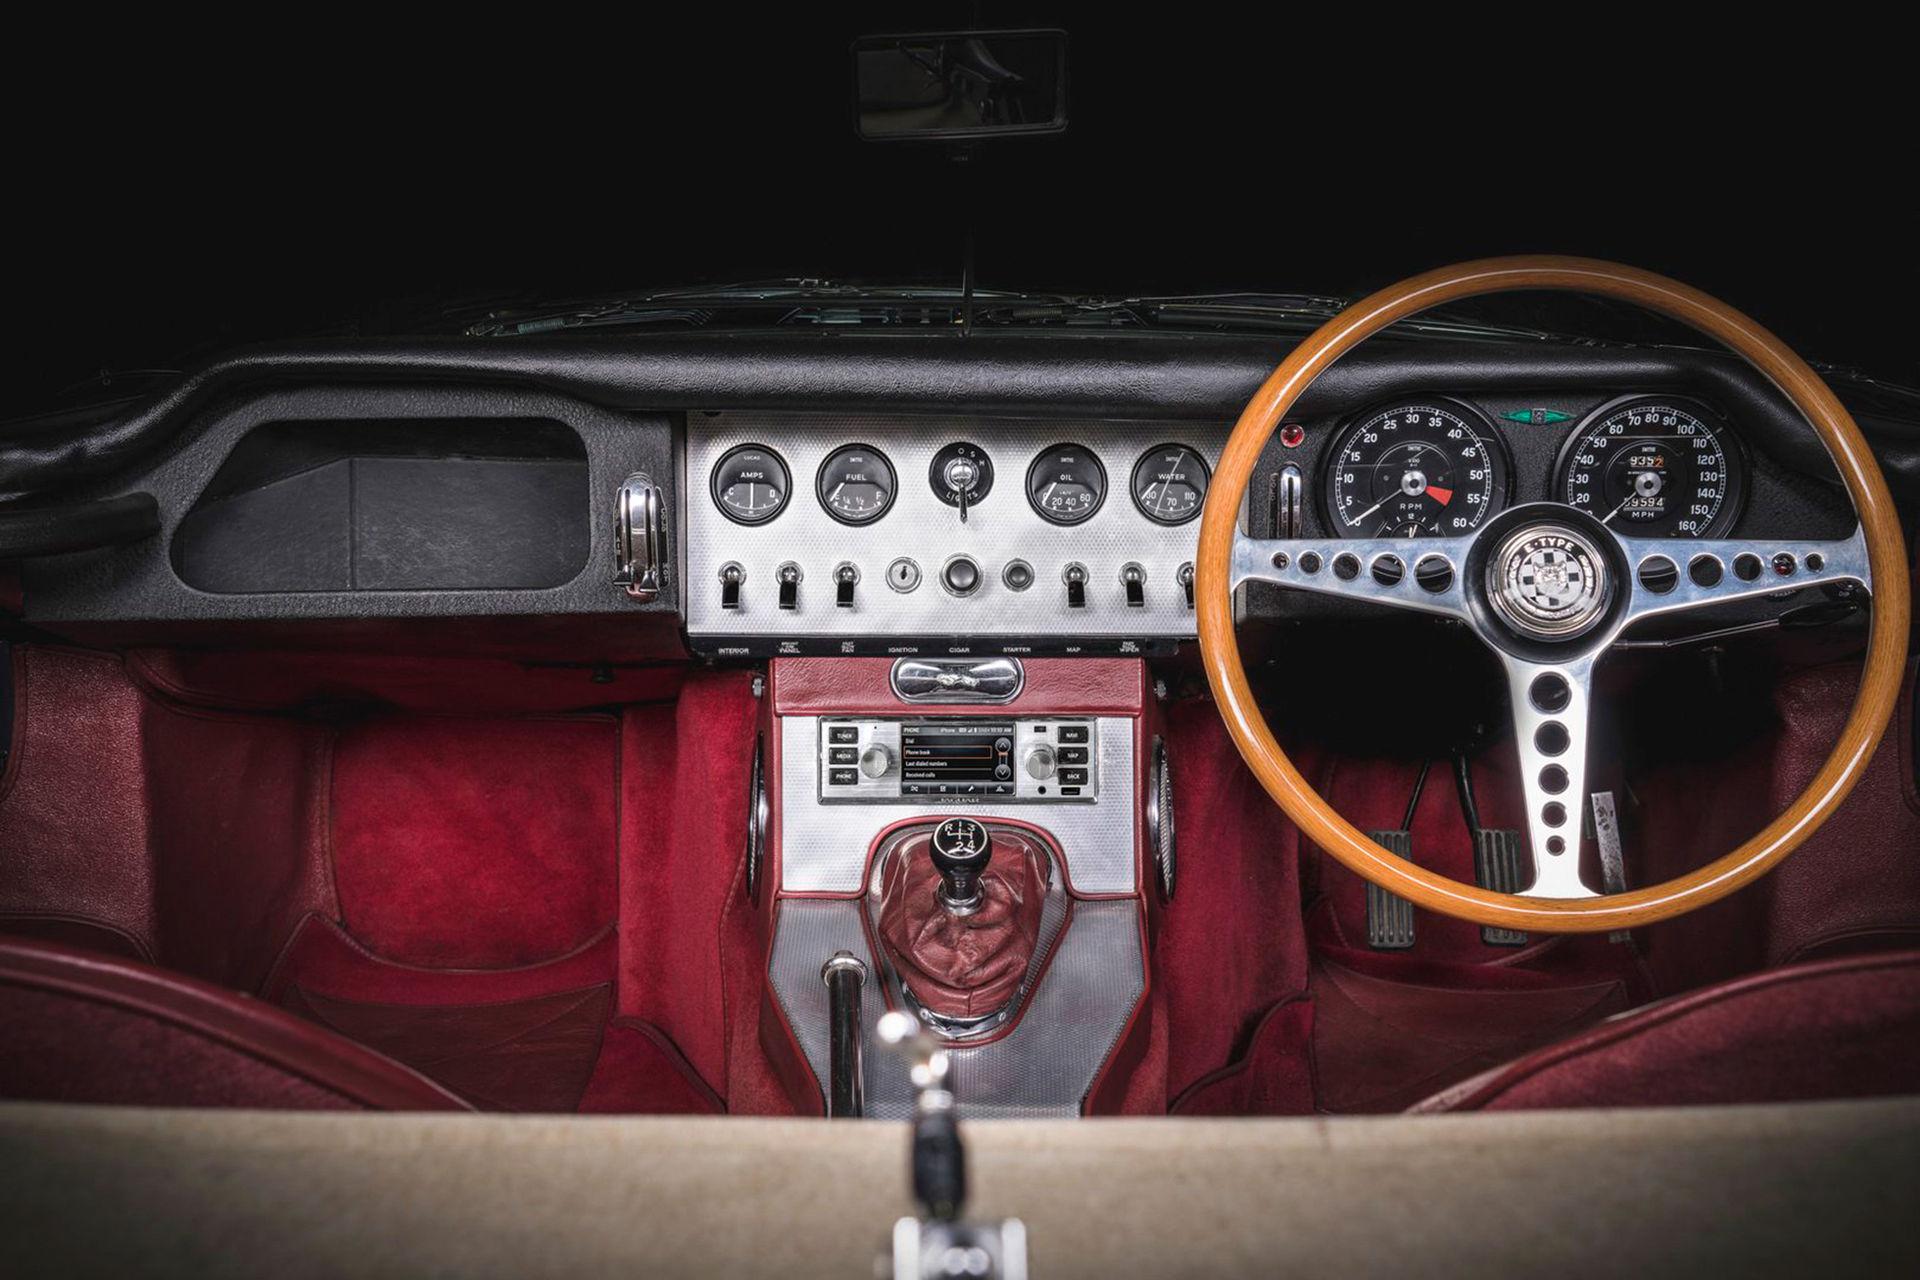 Modern stereo med retro-utseende till Jaguar och Land Rover